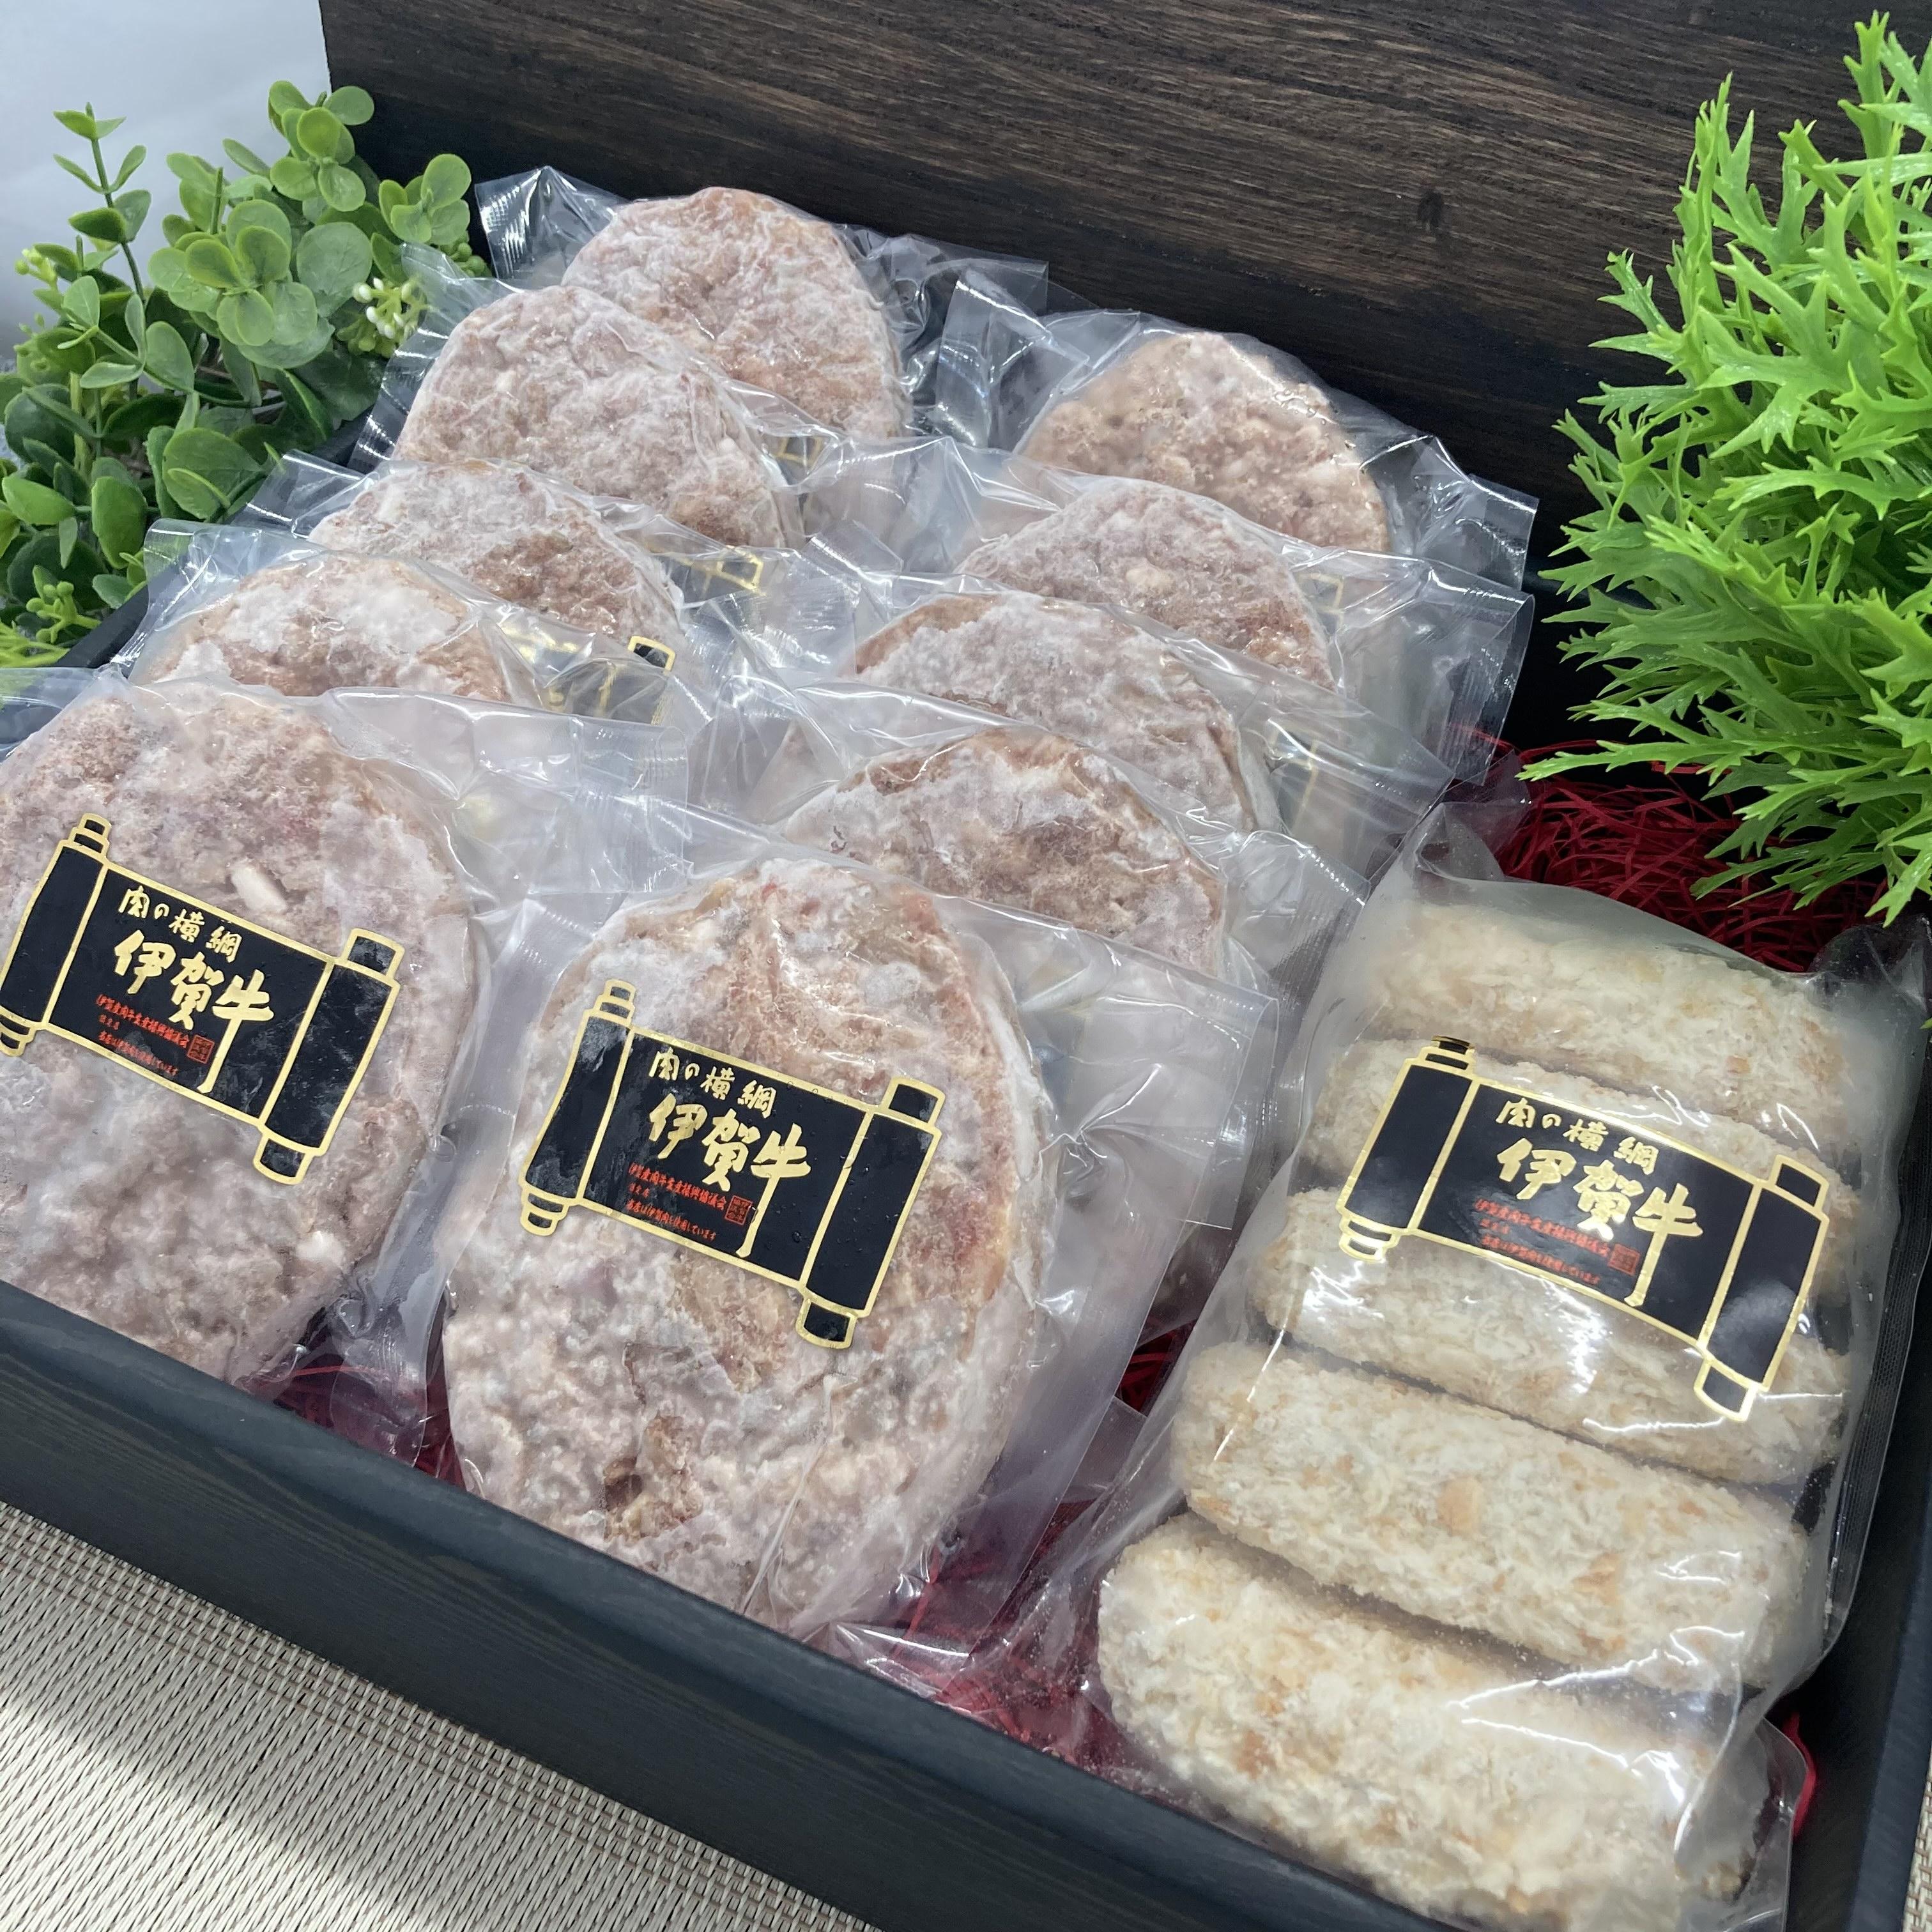 【伊賀牛】 伊賀牛ハンバーグセット(ハンバーグ10個入、コロッケ5個入×1)